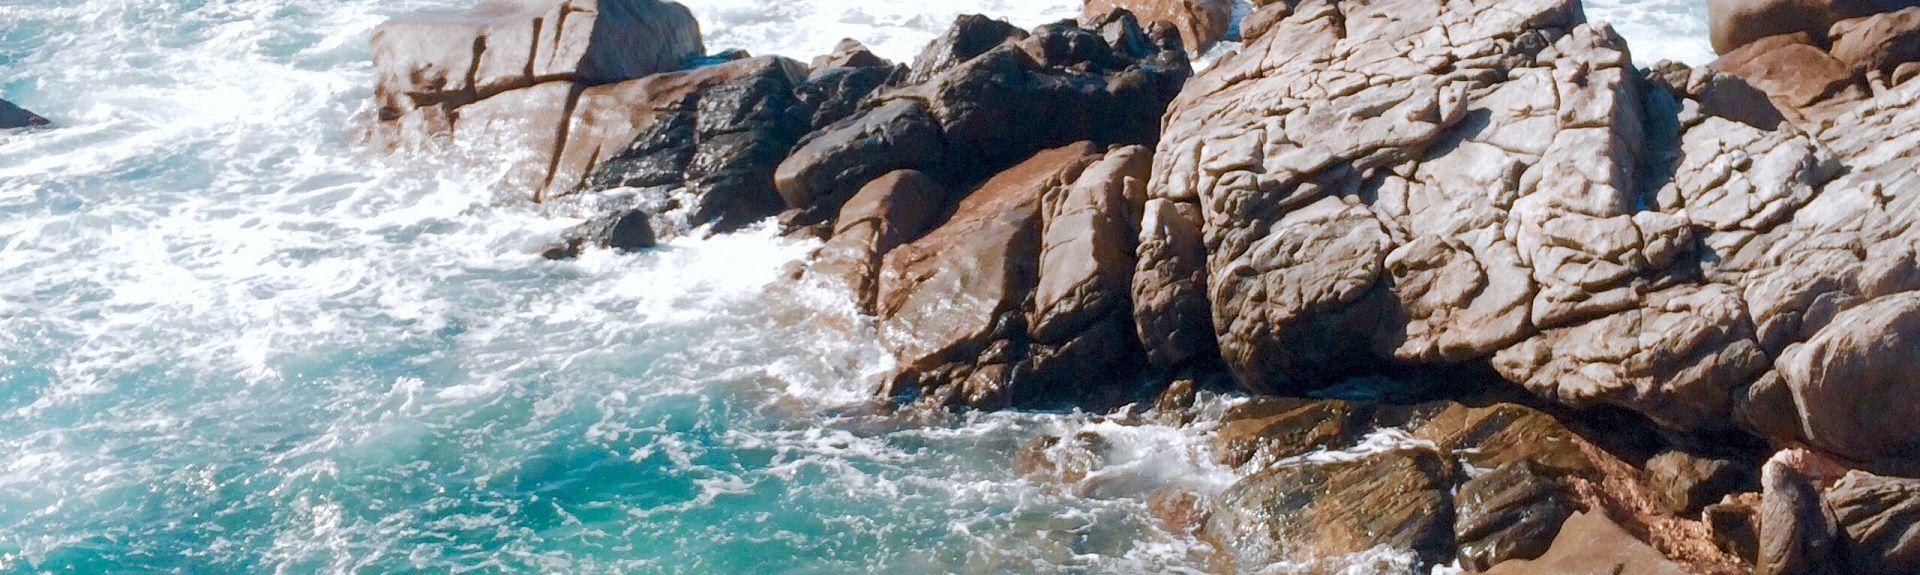 Eccica-Suarella, Corse-du-Sud, France